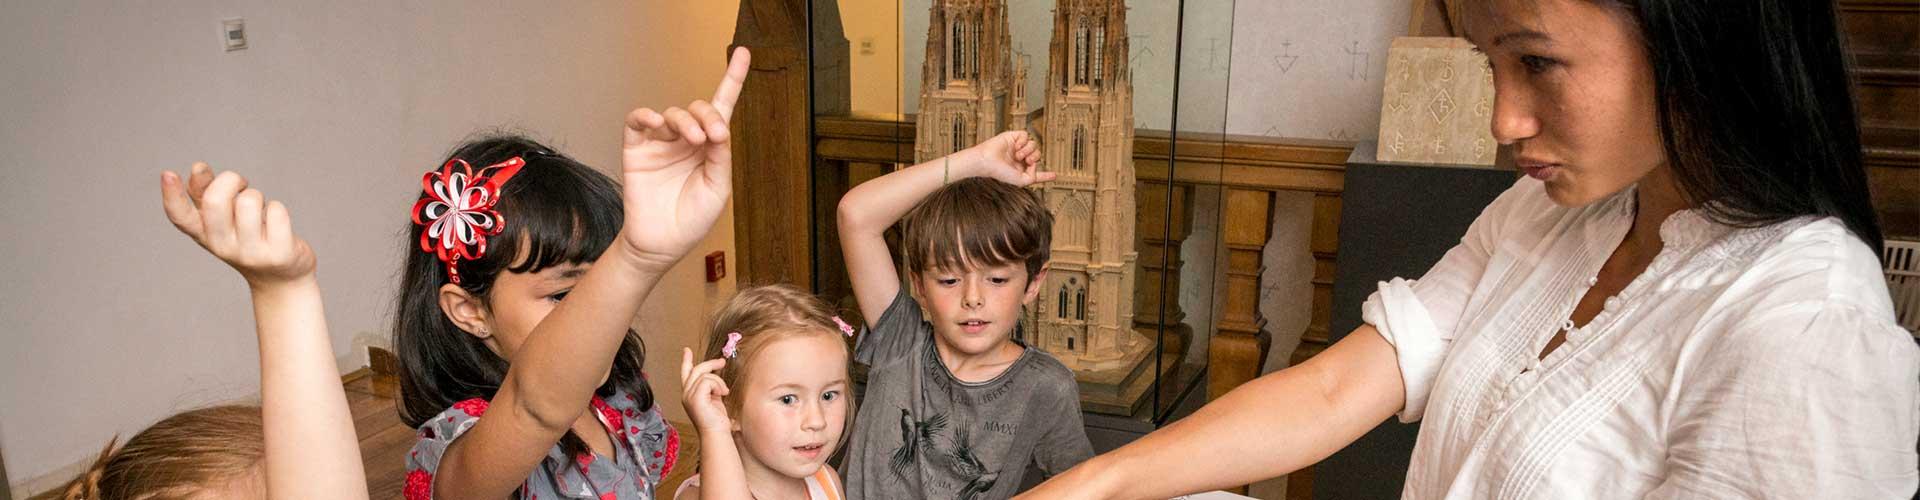 regensburg mit kindern entdecken